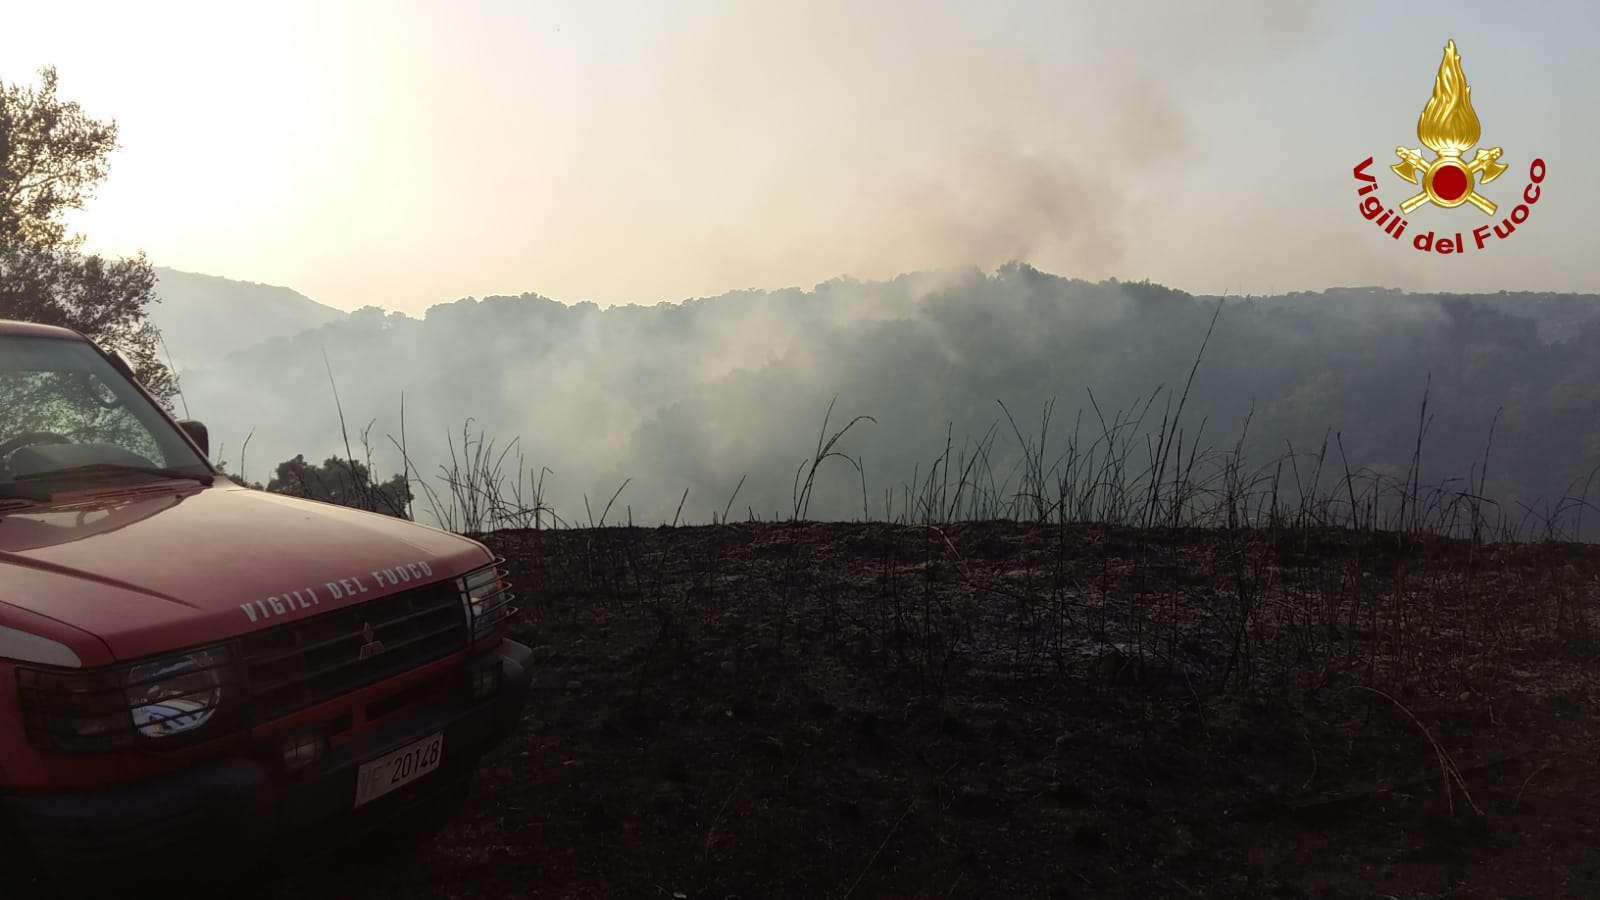 Vigili del fuoco: oltre 25 interventi per incendi boschivi